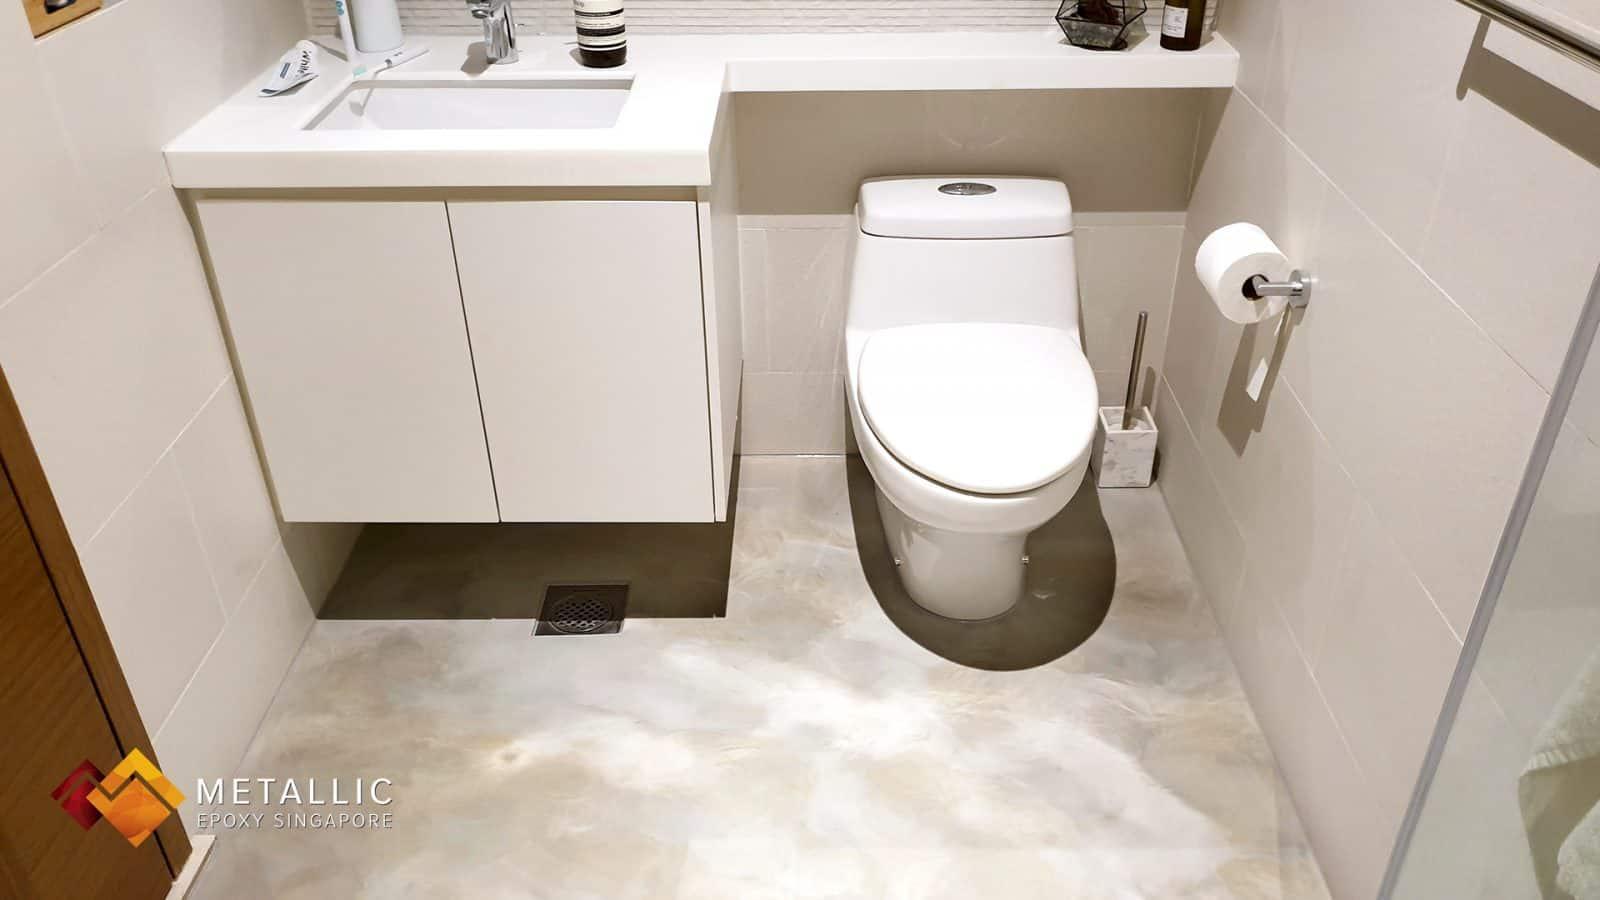 Metallic Epoxy Concrete Bathroom Floor